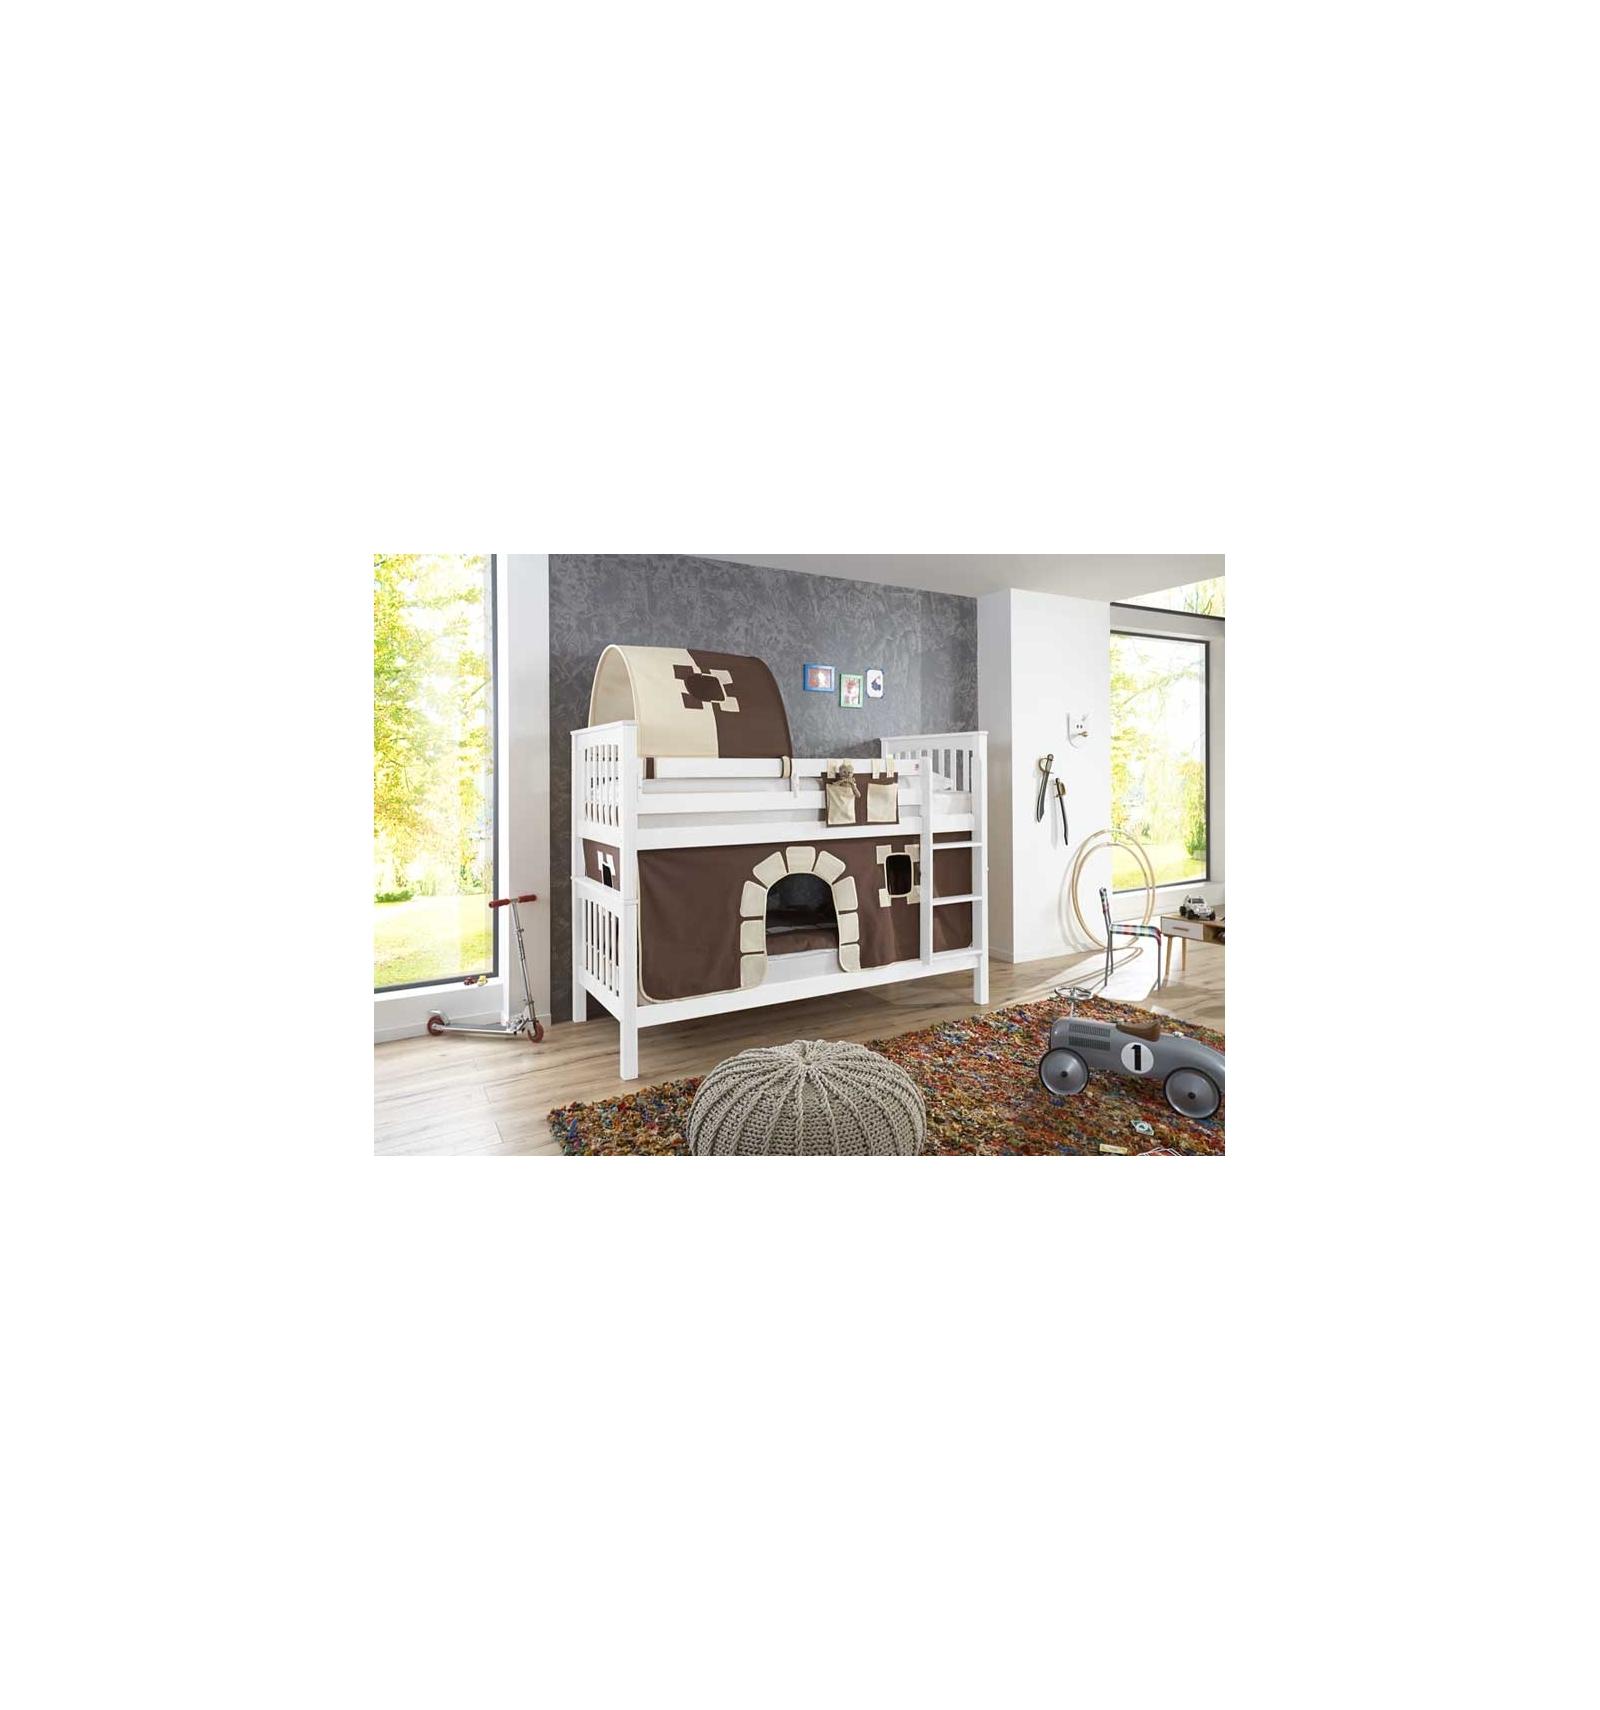 lit superpos avec lit gigogne. Black Bedroom Furniture Sets. Home Design Ideas